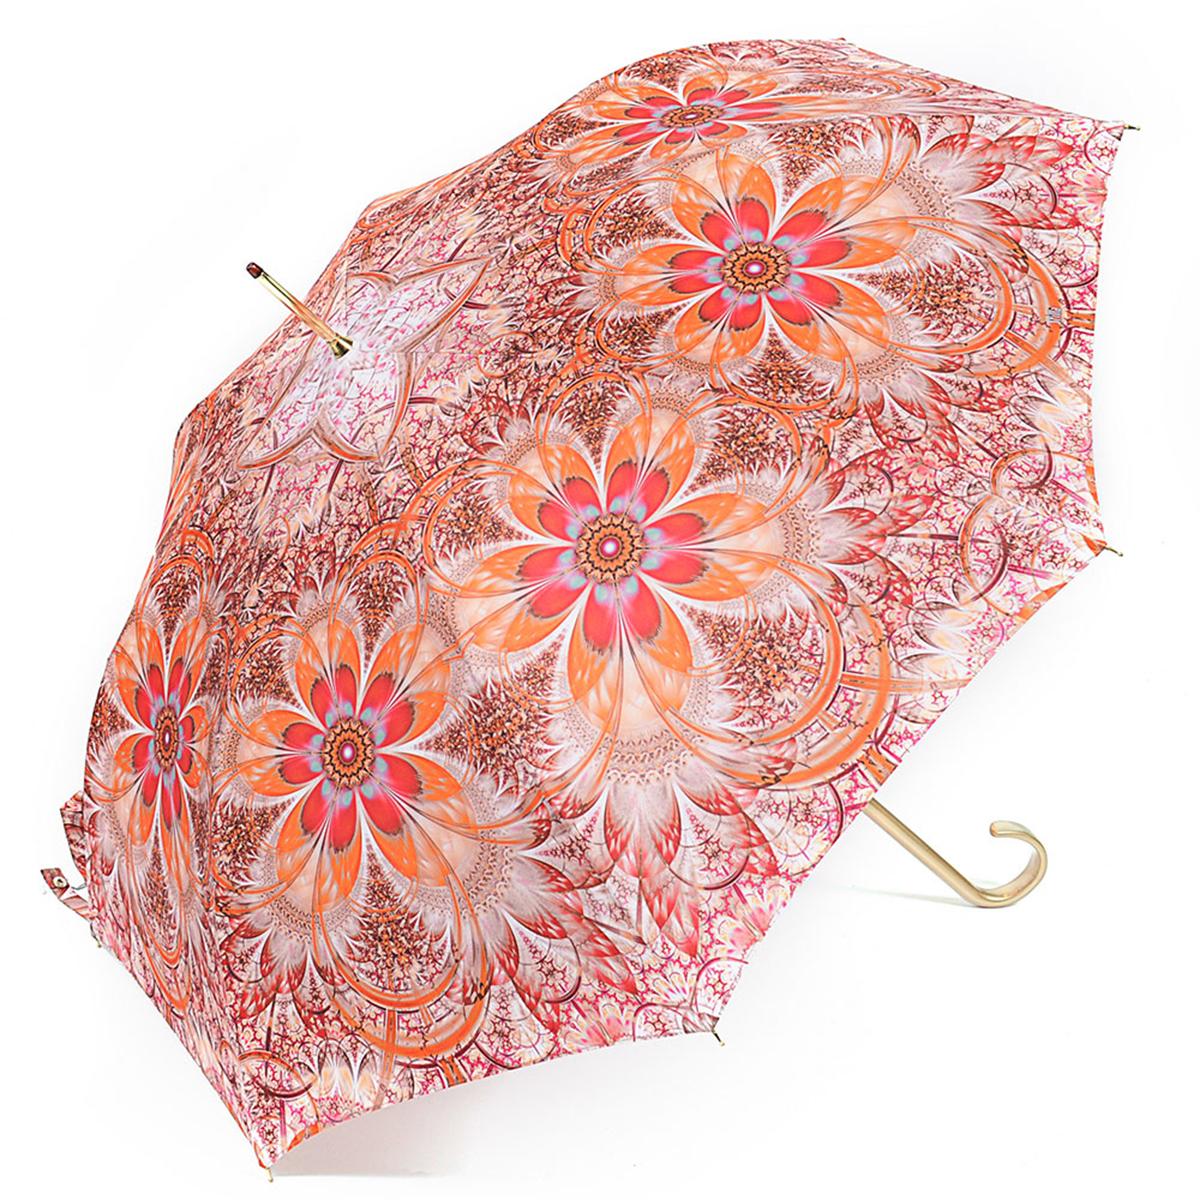 Зонт-трость женский Stilla, цвет: красный, оранжевый, белый. 722/4 autoКолье (короткие одноярусные бусы)Зонт-трость Stilla надежно защитит вас от дождя. Купол, оформленный оригинальным принтом, выполнен из высококачественного ПВХ, который не пропускает воду.Каркас зонта и спицы выполнены из высококарбонистой стали. Зонт имеет автоматический тип сложения: открывается и закрывается при нажатии на кнопку. Удобная ручка выполнена из пластика.